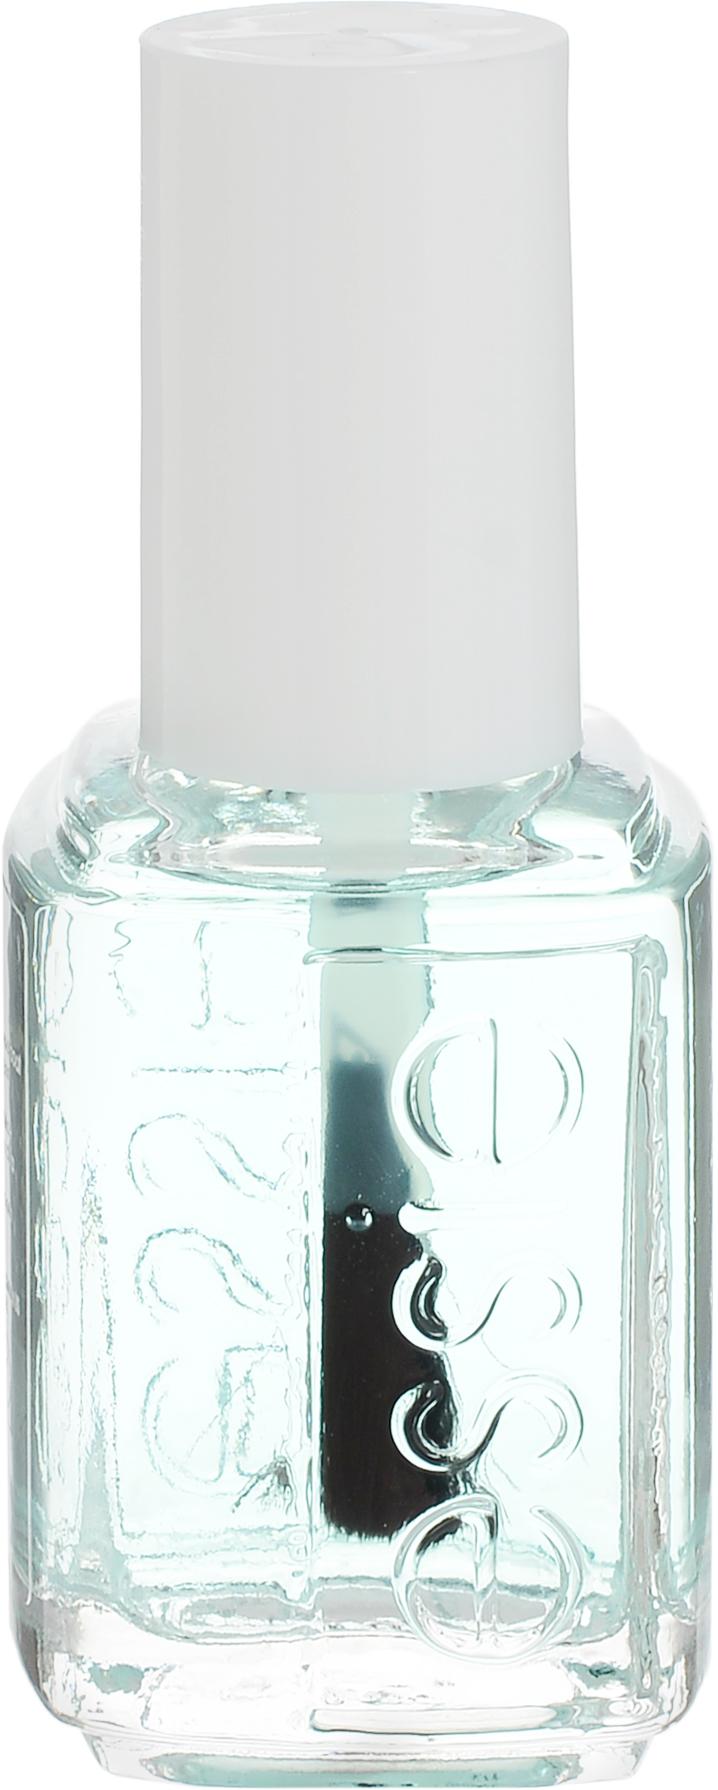 Essie Основа для ногтей First Base, универсальная, 13,5 млKTR04NПрофессиональная основа для ногтей от Эсси станет подходящей базой для домашнего использования. Средство визуально выравнивает ногти и значительно продляет стойкость лакового покрытия.Как ухаживать за ногтями: советы эксперта. Статья OZON Гид